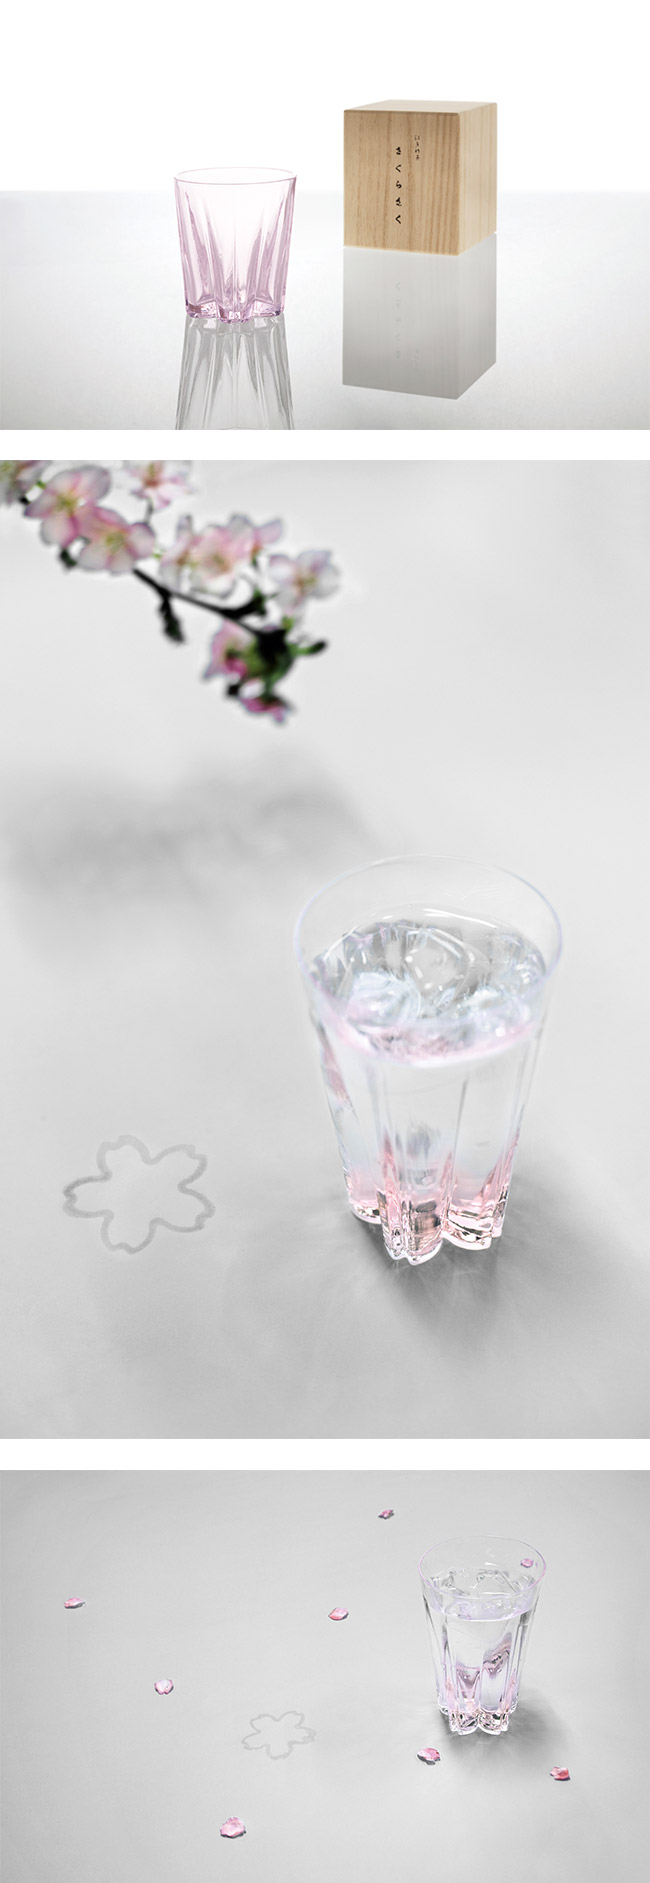 日本 Perrocaliente SAKURASAKU 櫻花杯 清酒杯 櫻花粉